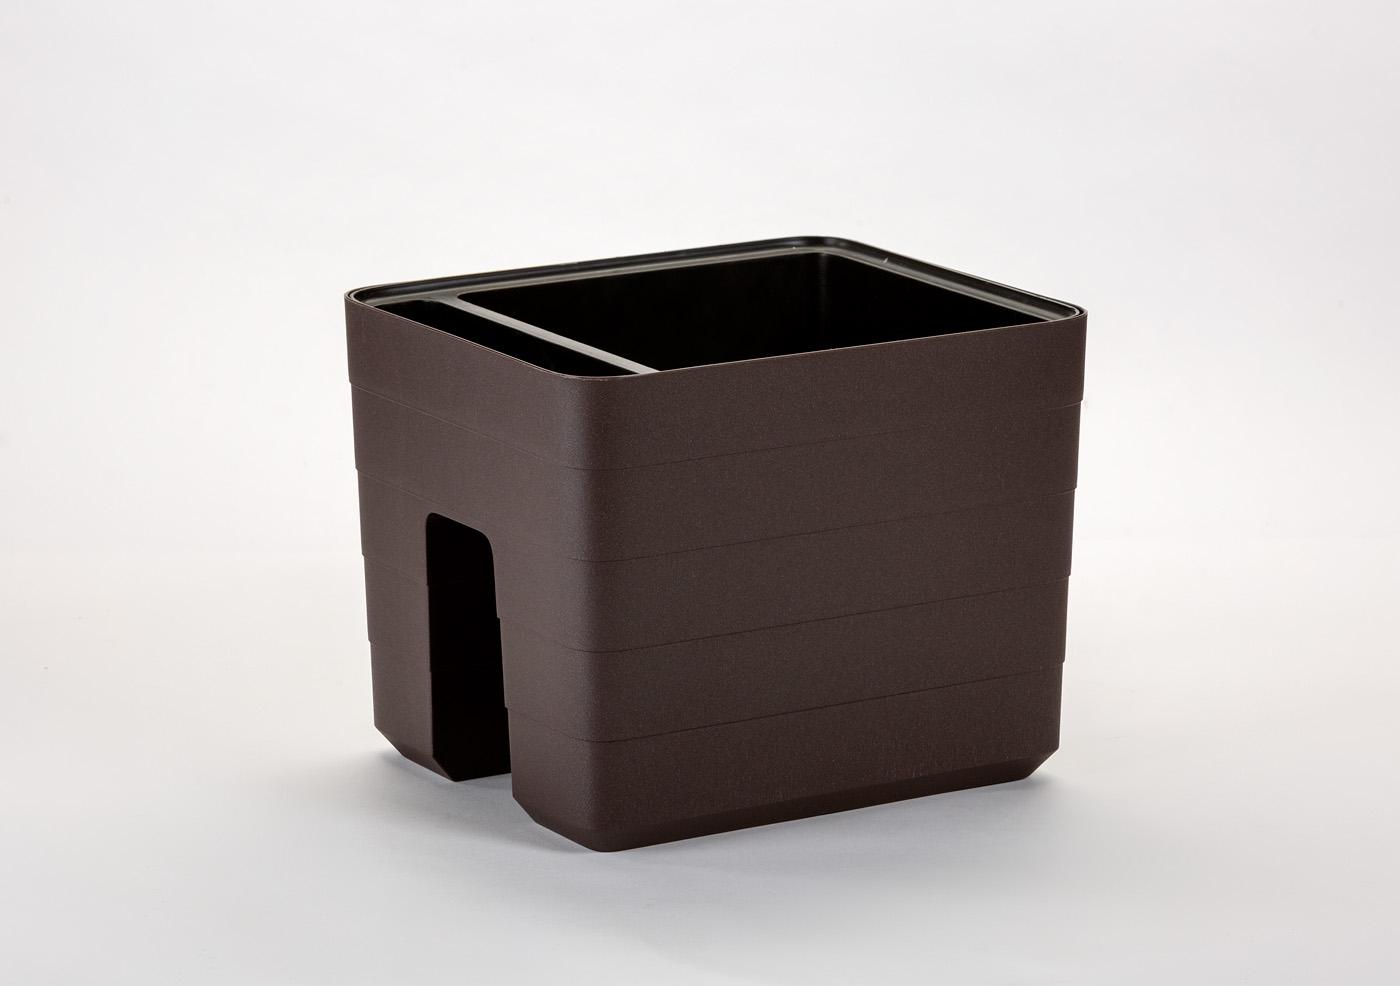 Samozavlažovací truhlík na zábradlí Berberis 30x26 cm, čokoláda